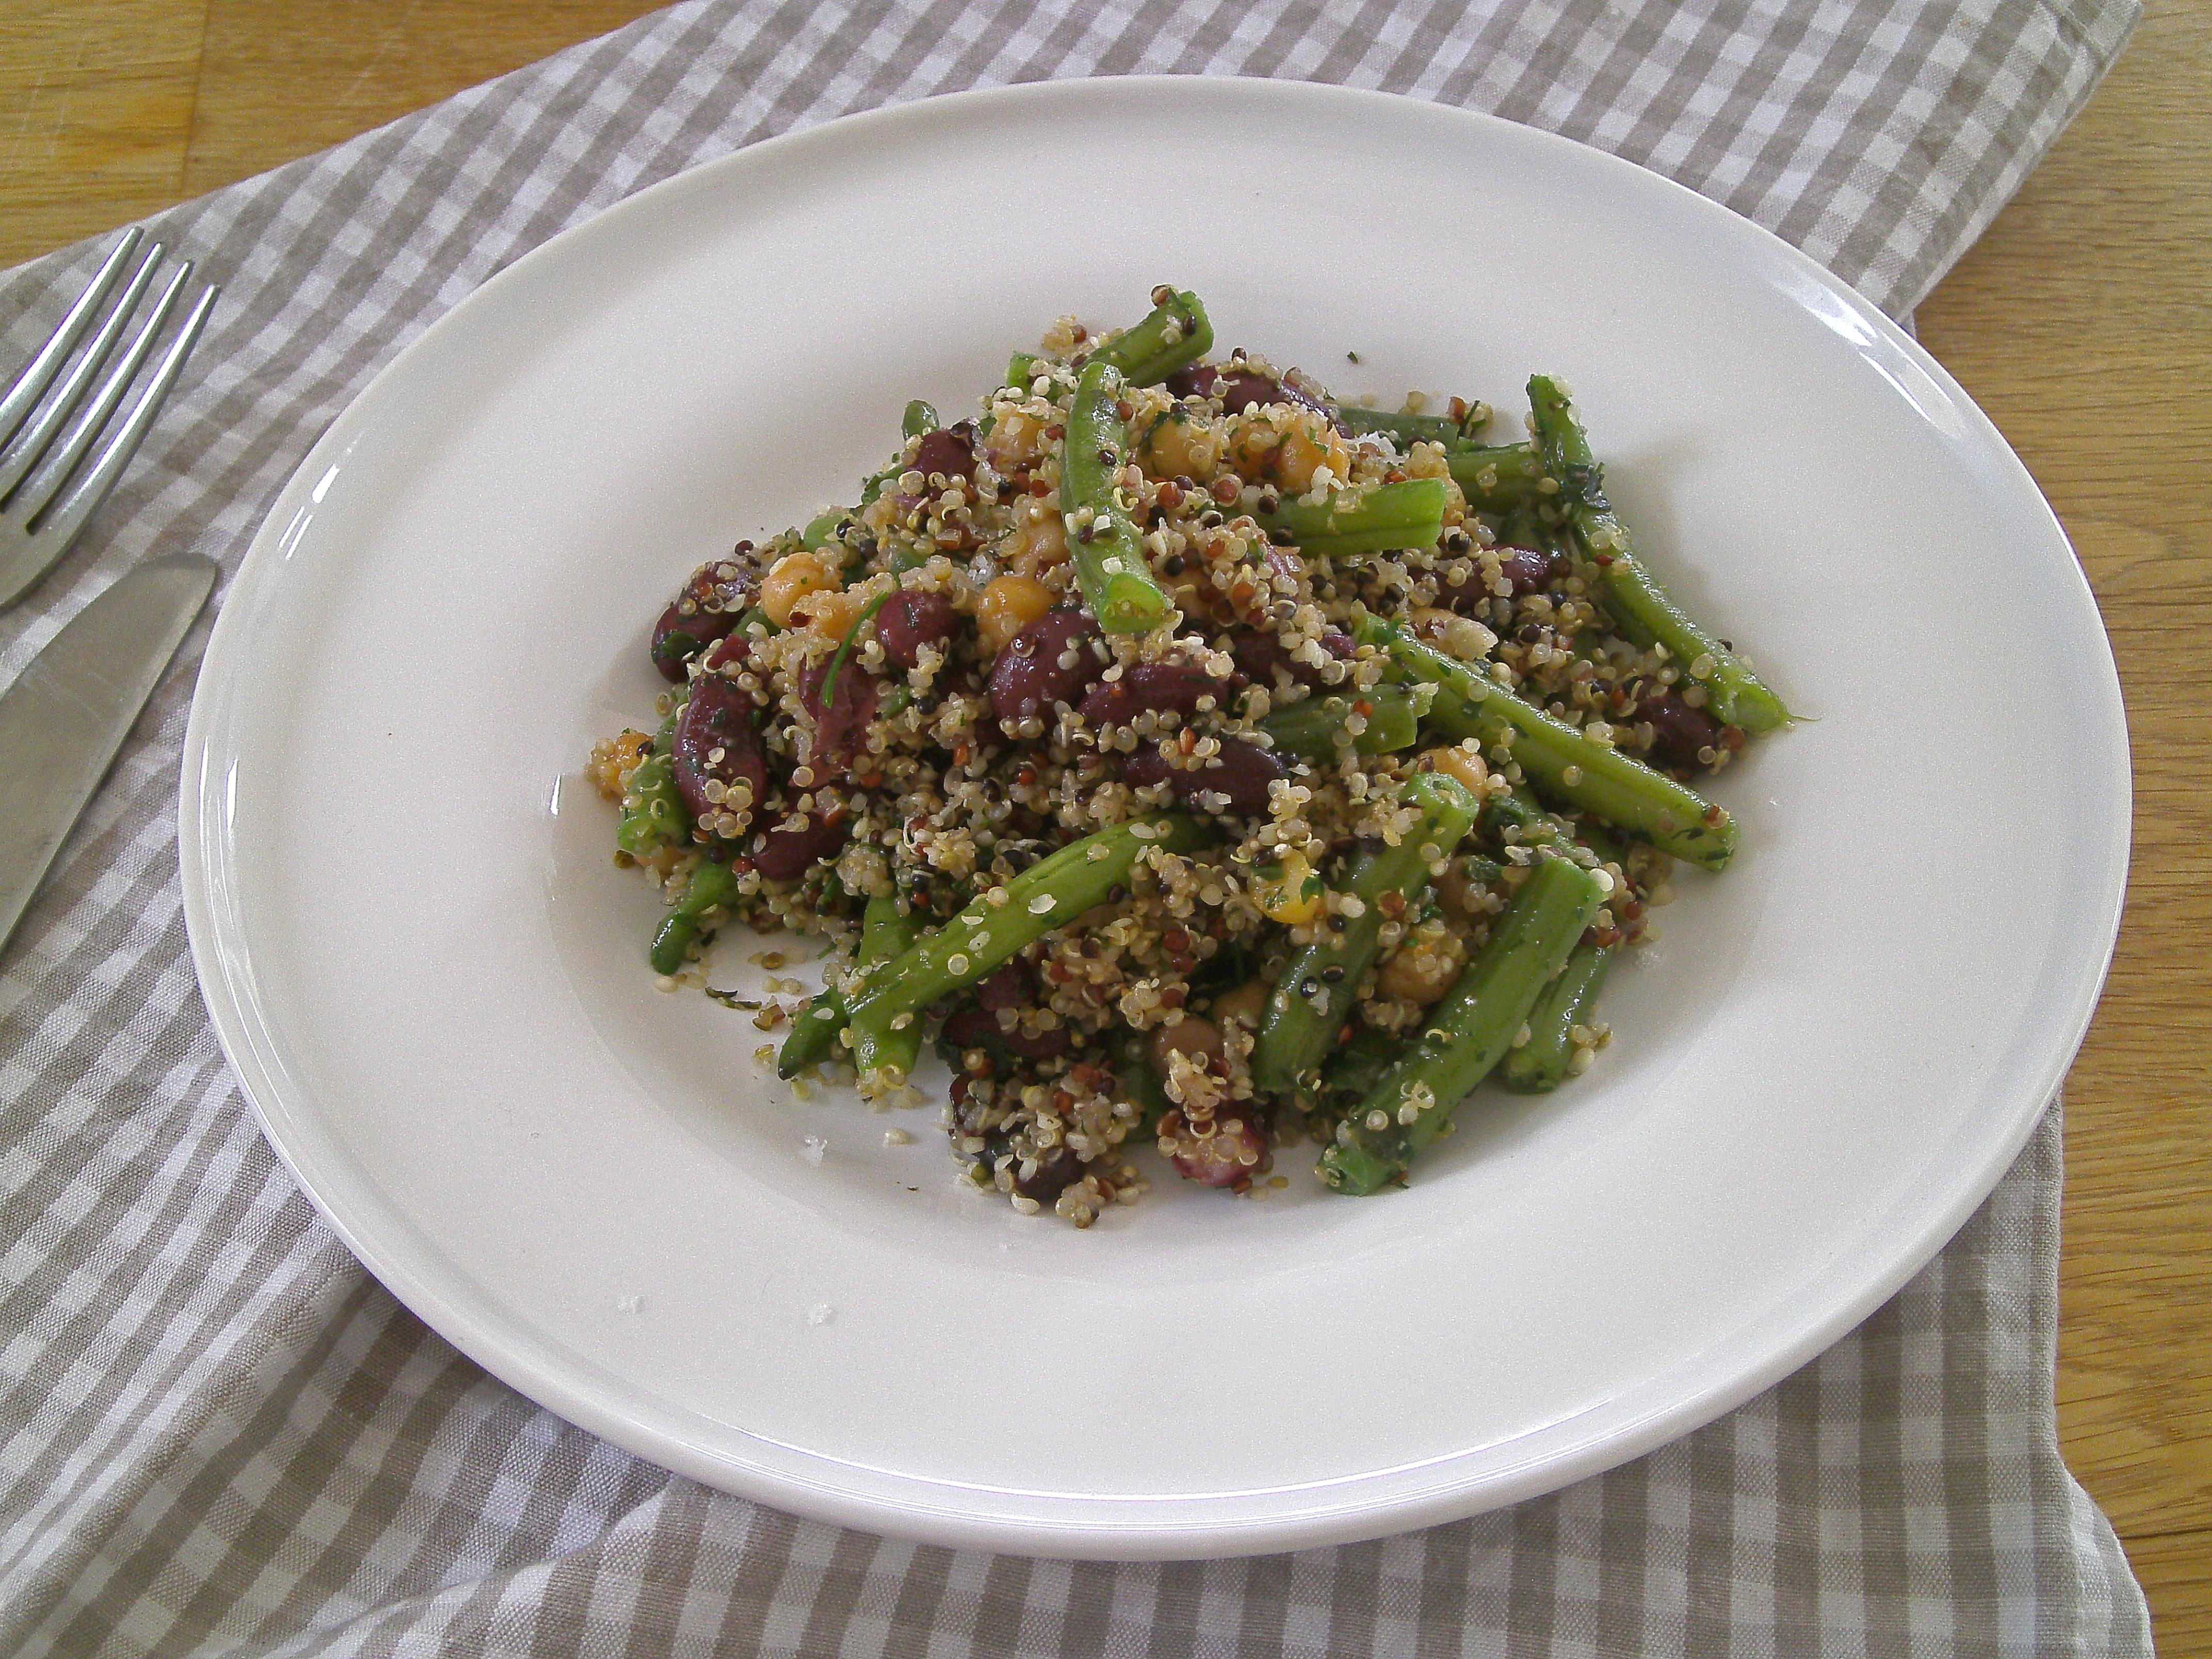 Rezept - Hauptgerichte - Getreide - Bohnen Quinoa Pfanne - vegan - glutenfrei - kochen